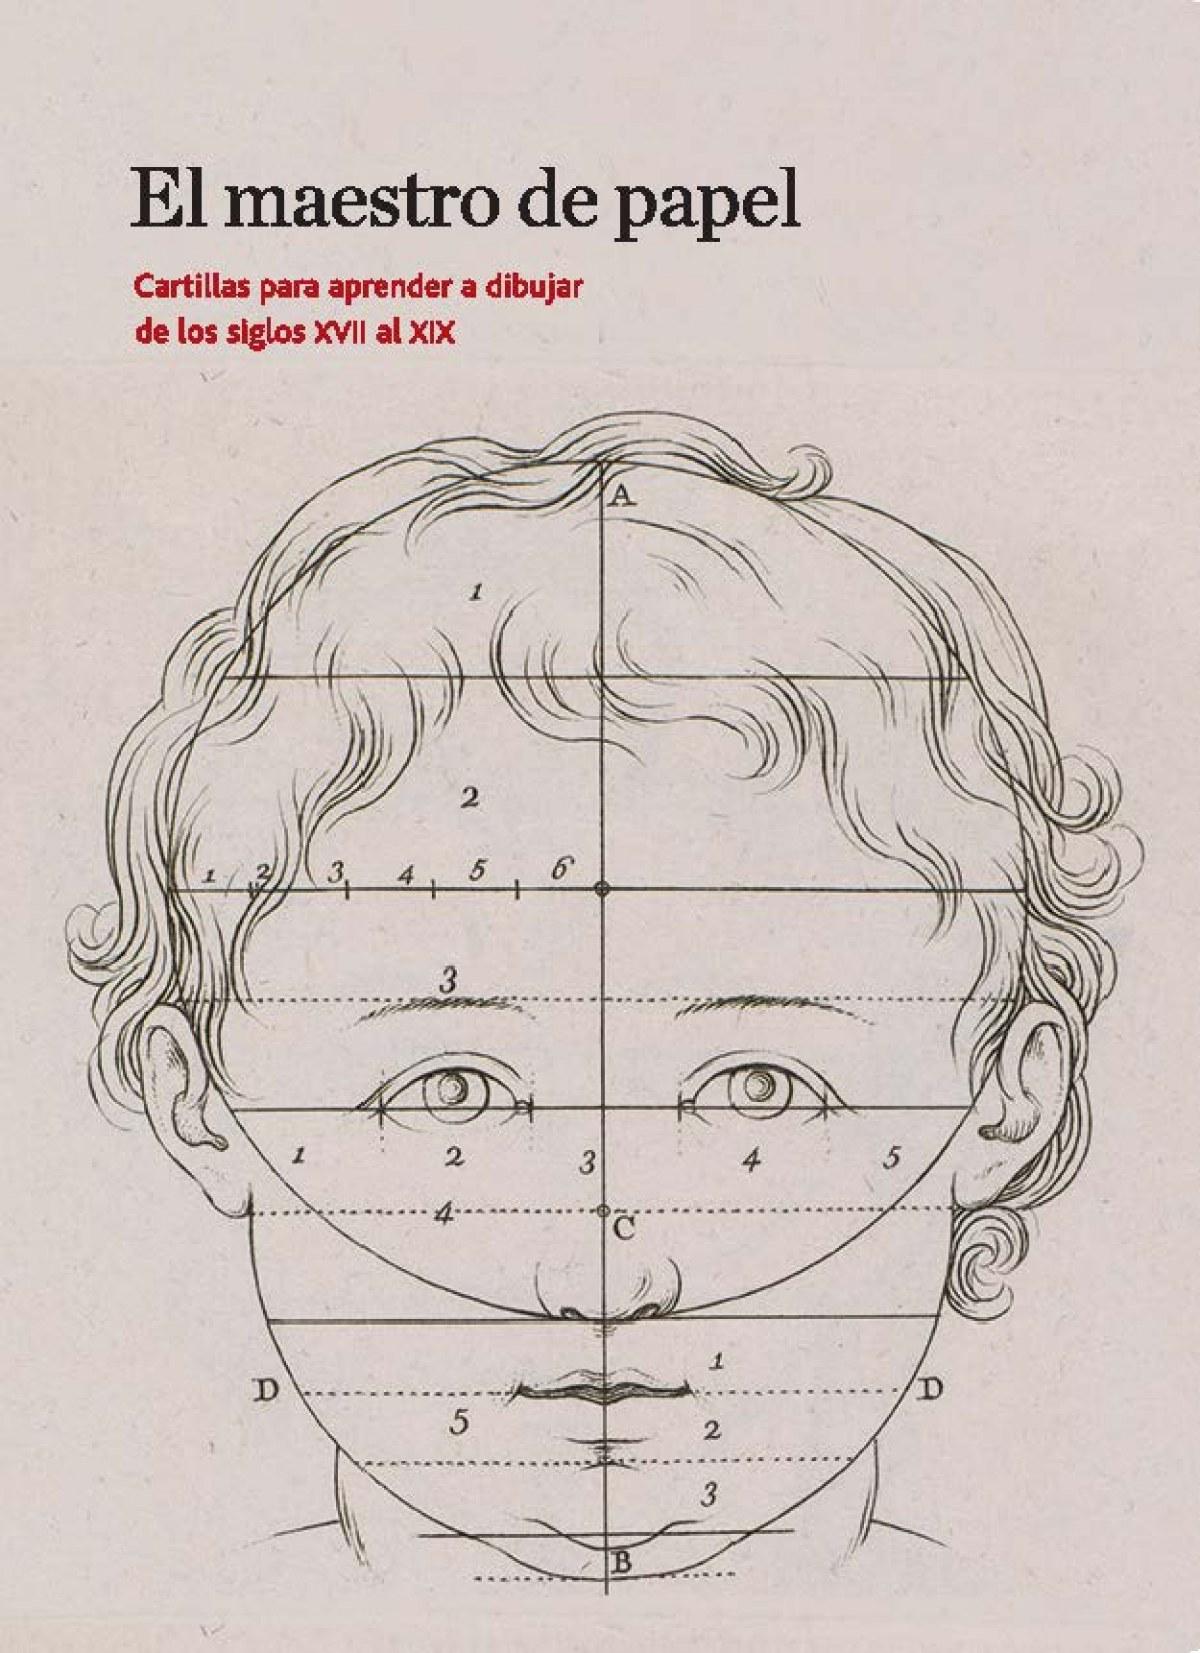 Maestro del papel, el. cartillas aprender dibujar s.xvii